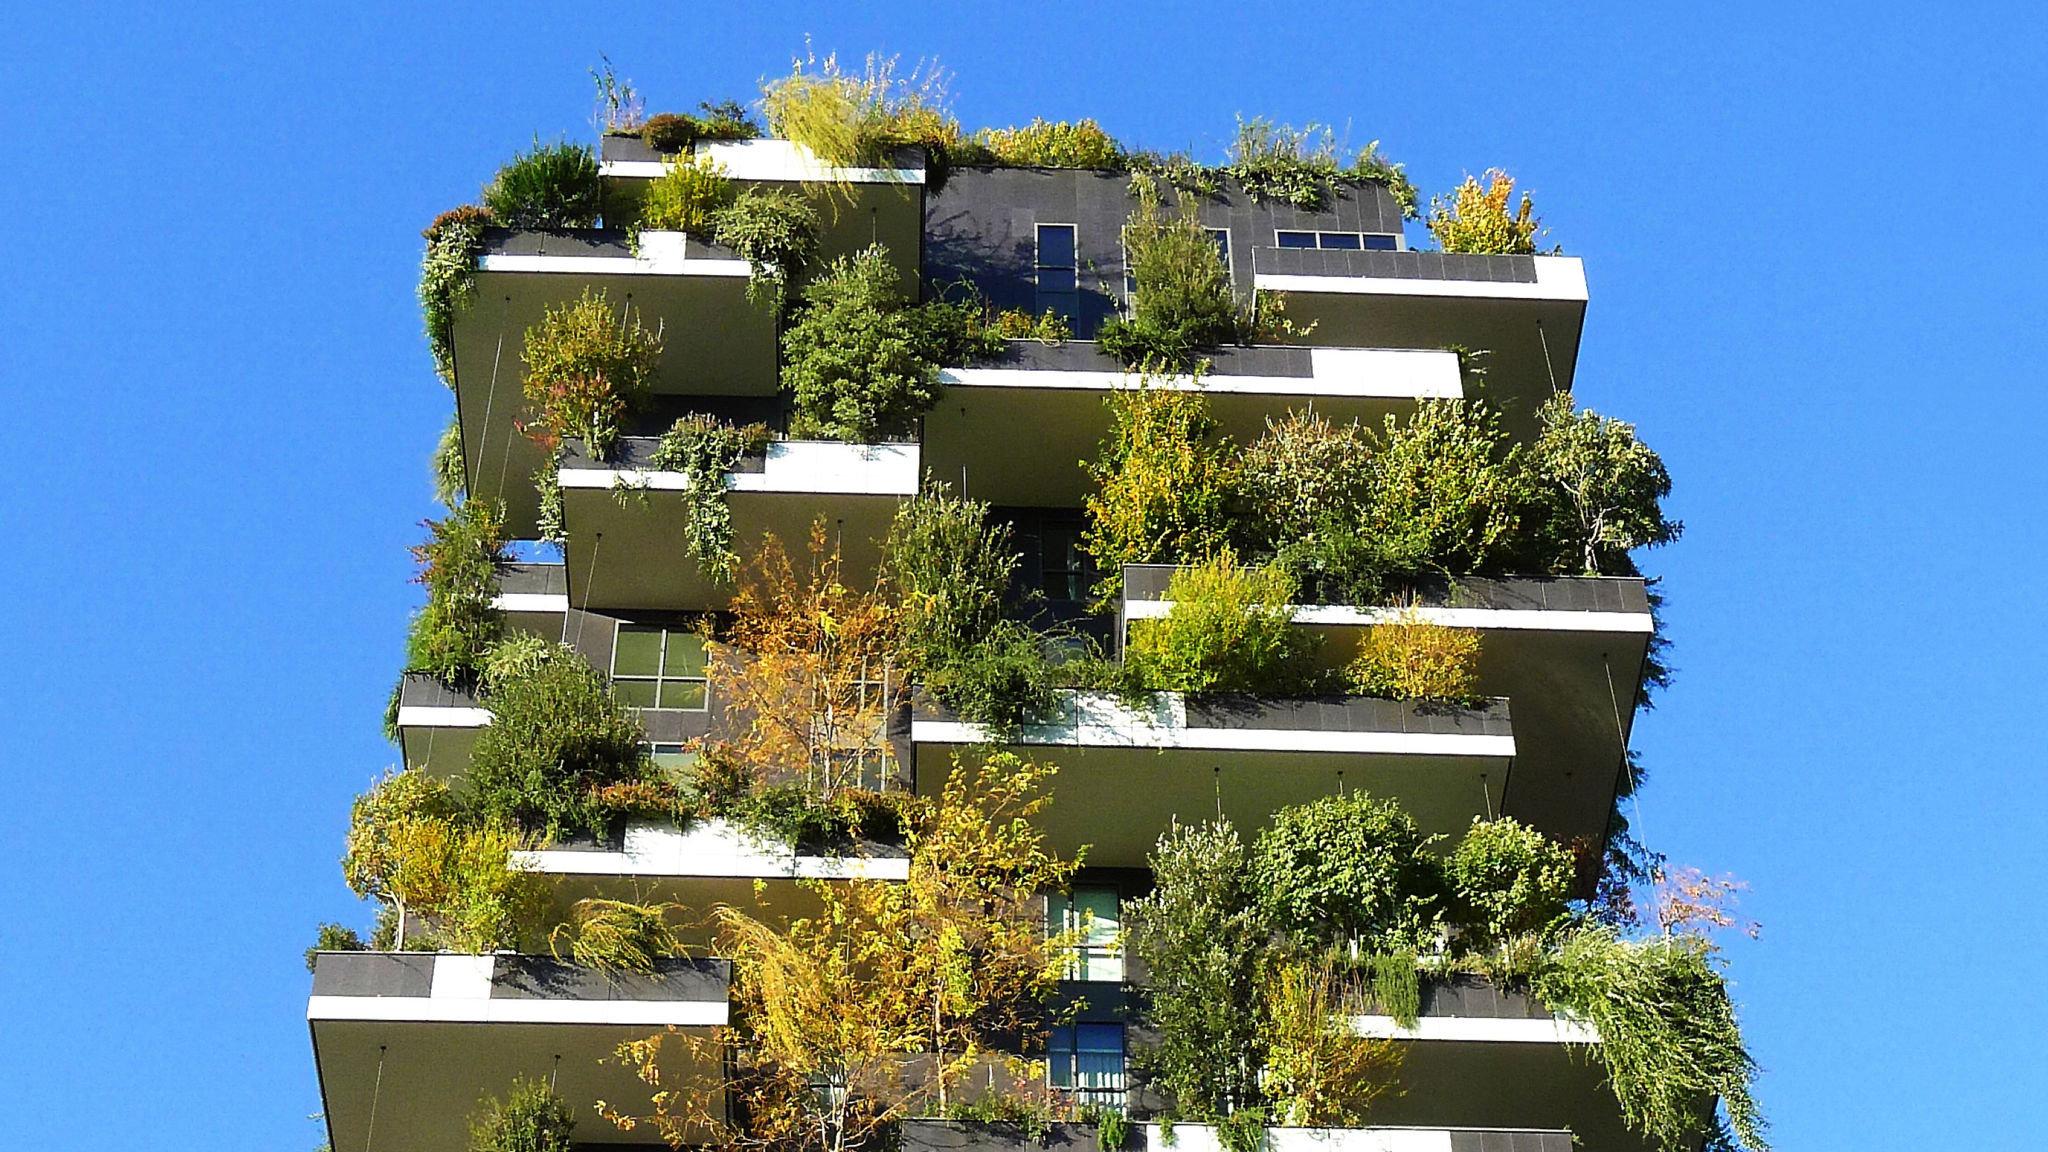 Vertical gardens breathe life into the city